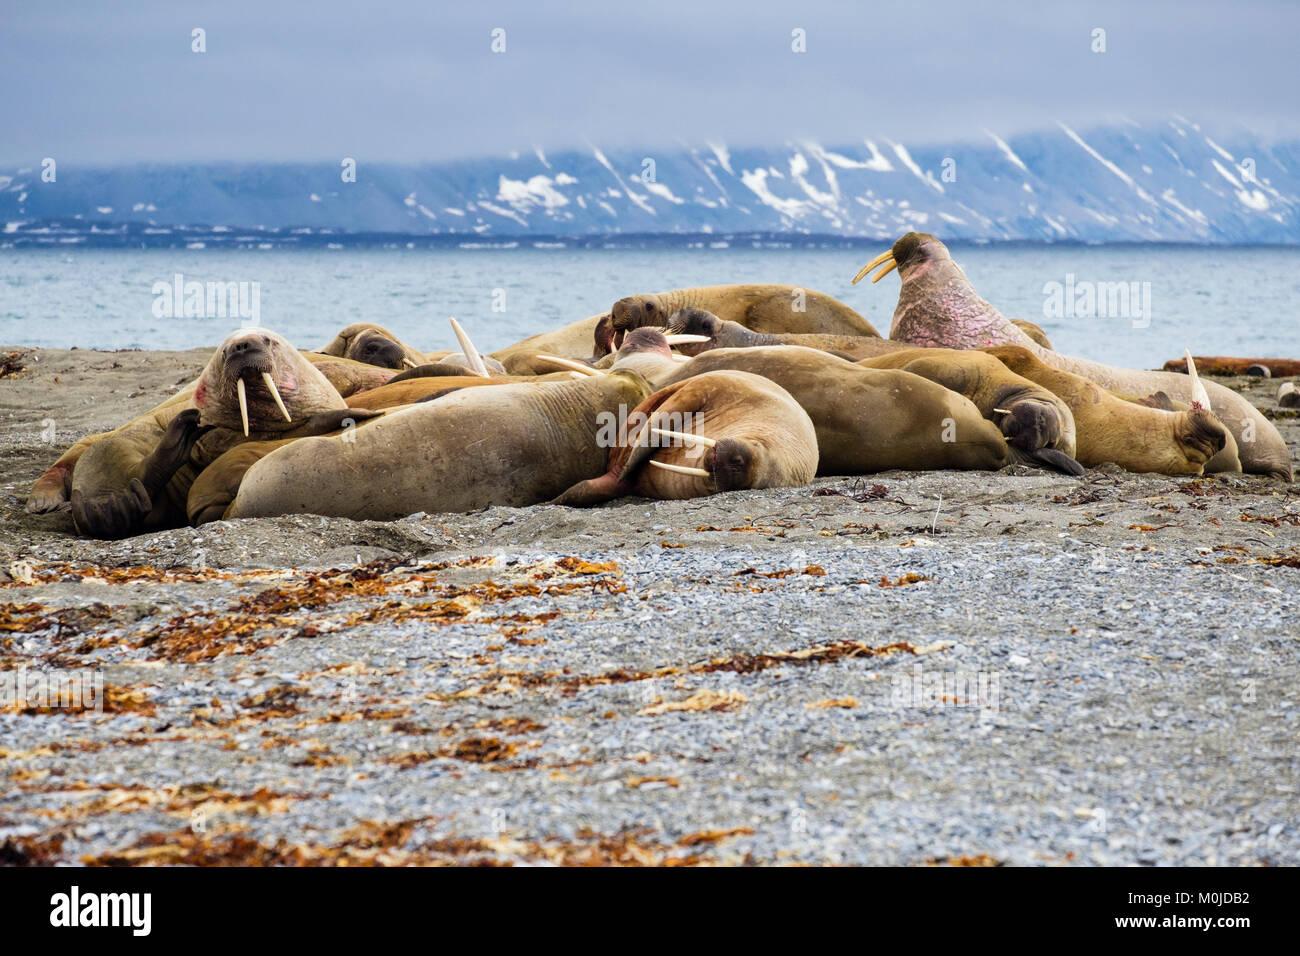 Groupe de morse (Odobenus rosmarus) adultes sortis de l'eau pour se reposer sur la terre ferme sur la côte Photo Stock